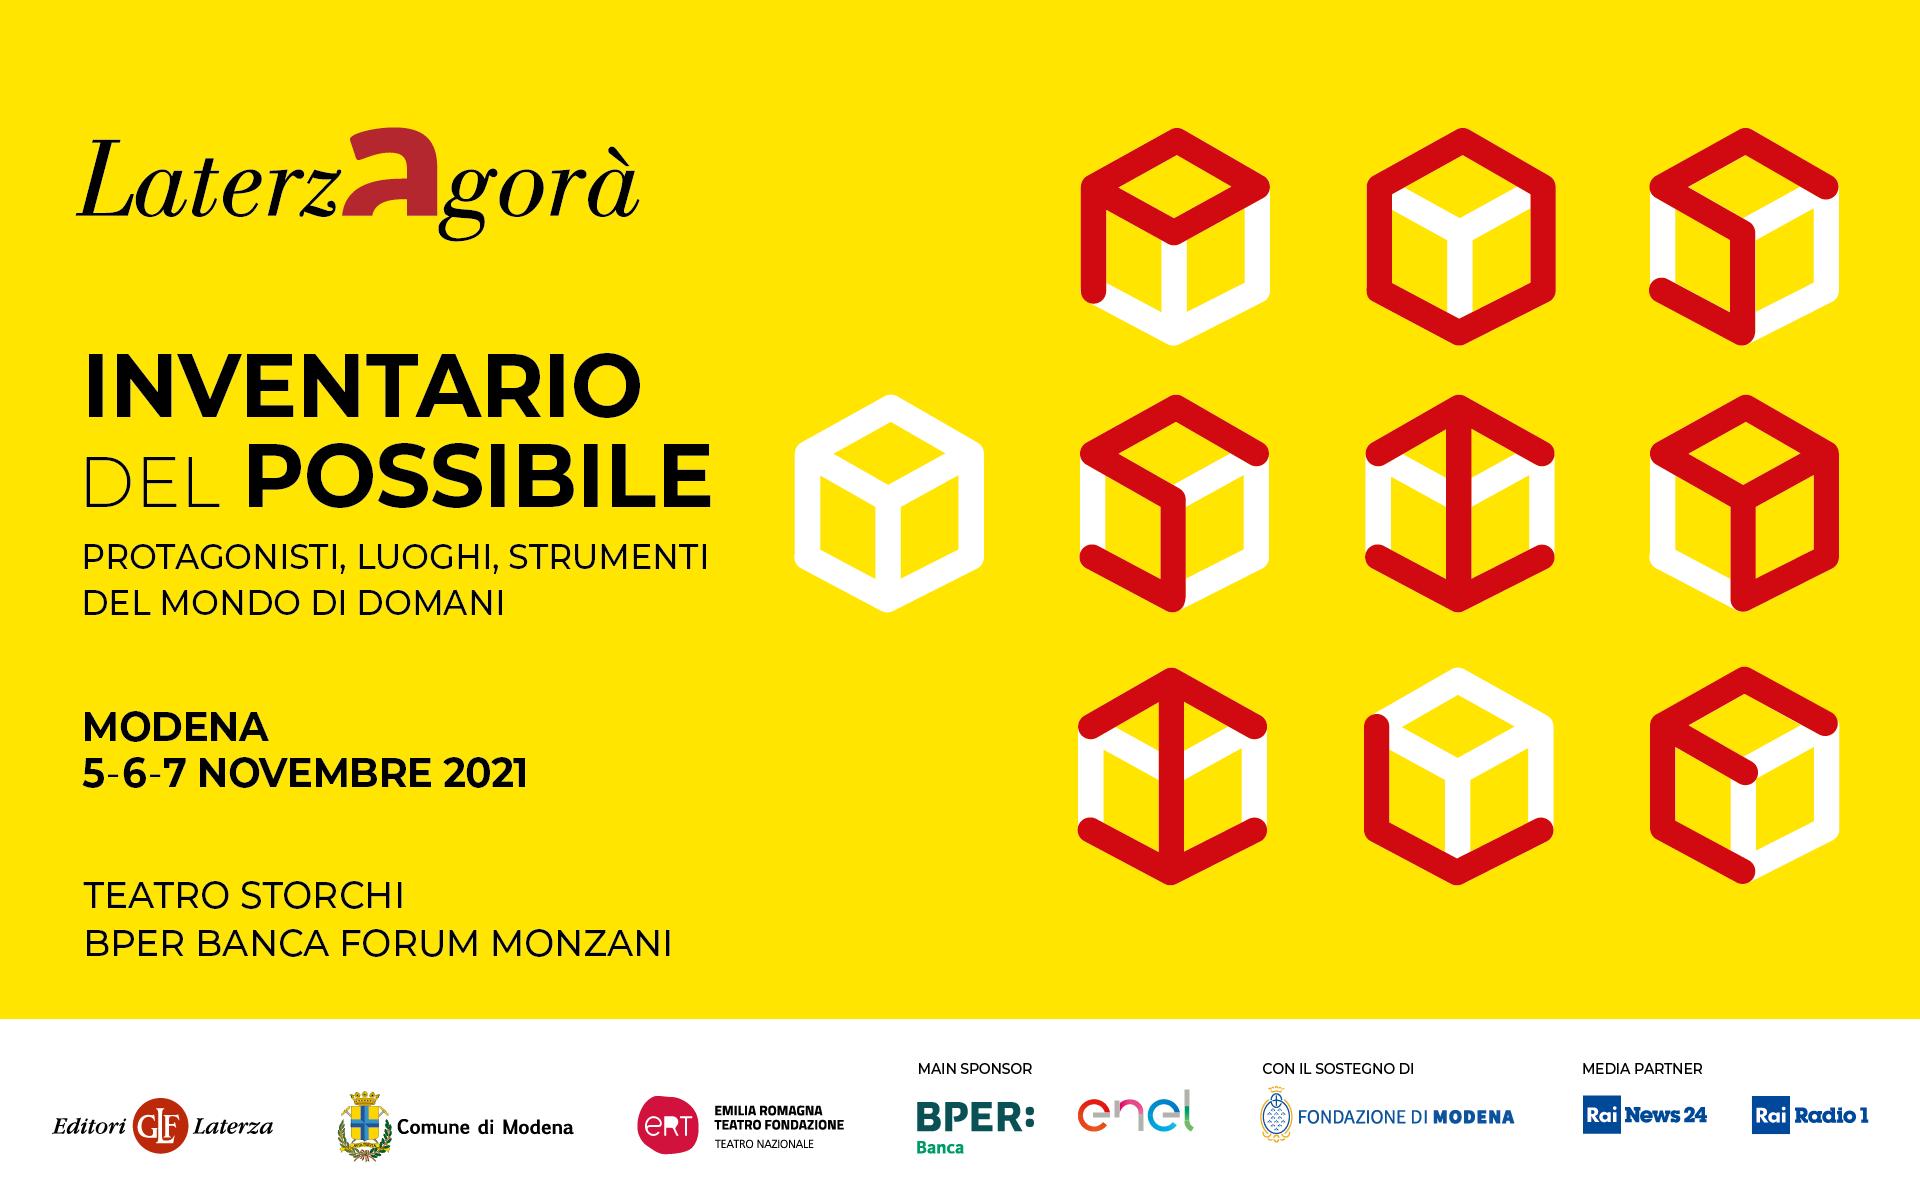 """""""Inventario del possibile"""": dal 5 al 7 novembre a Modena"""